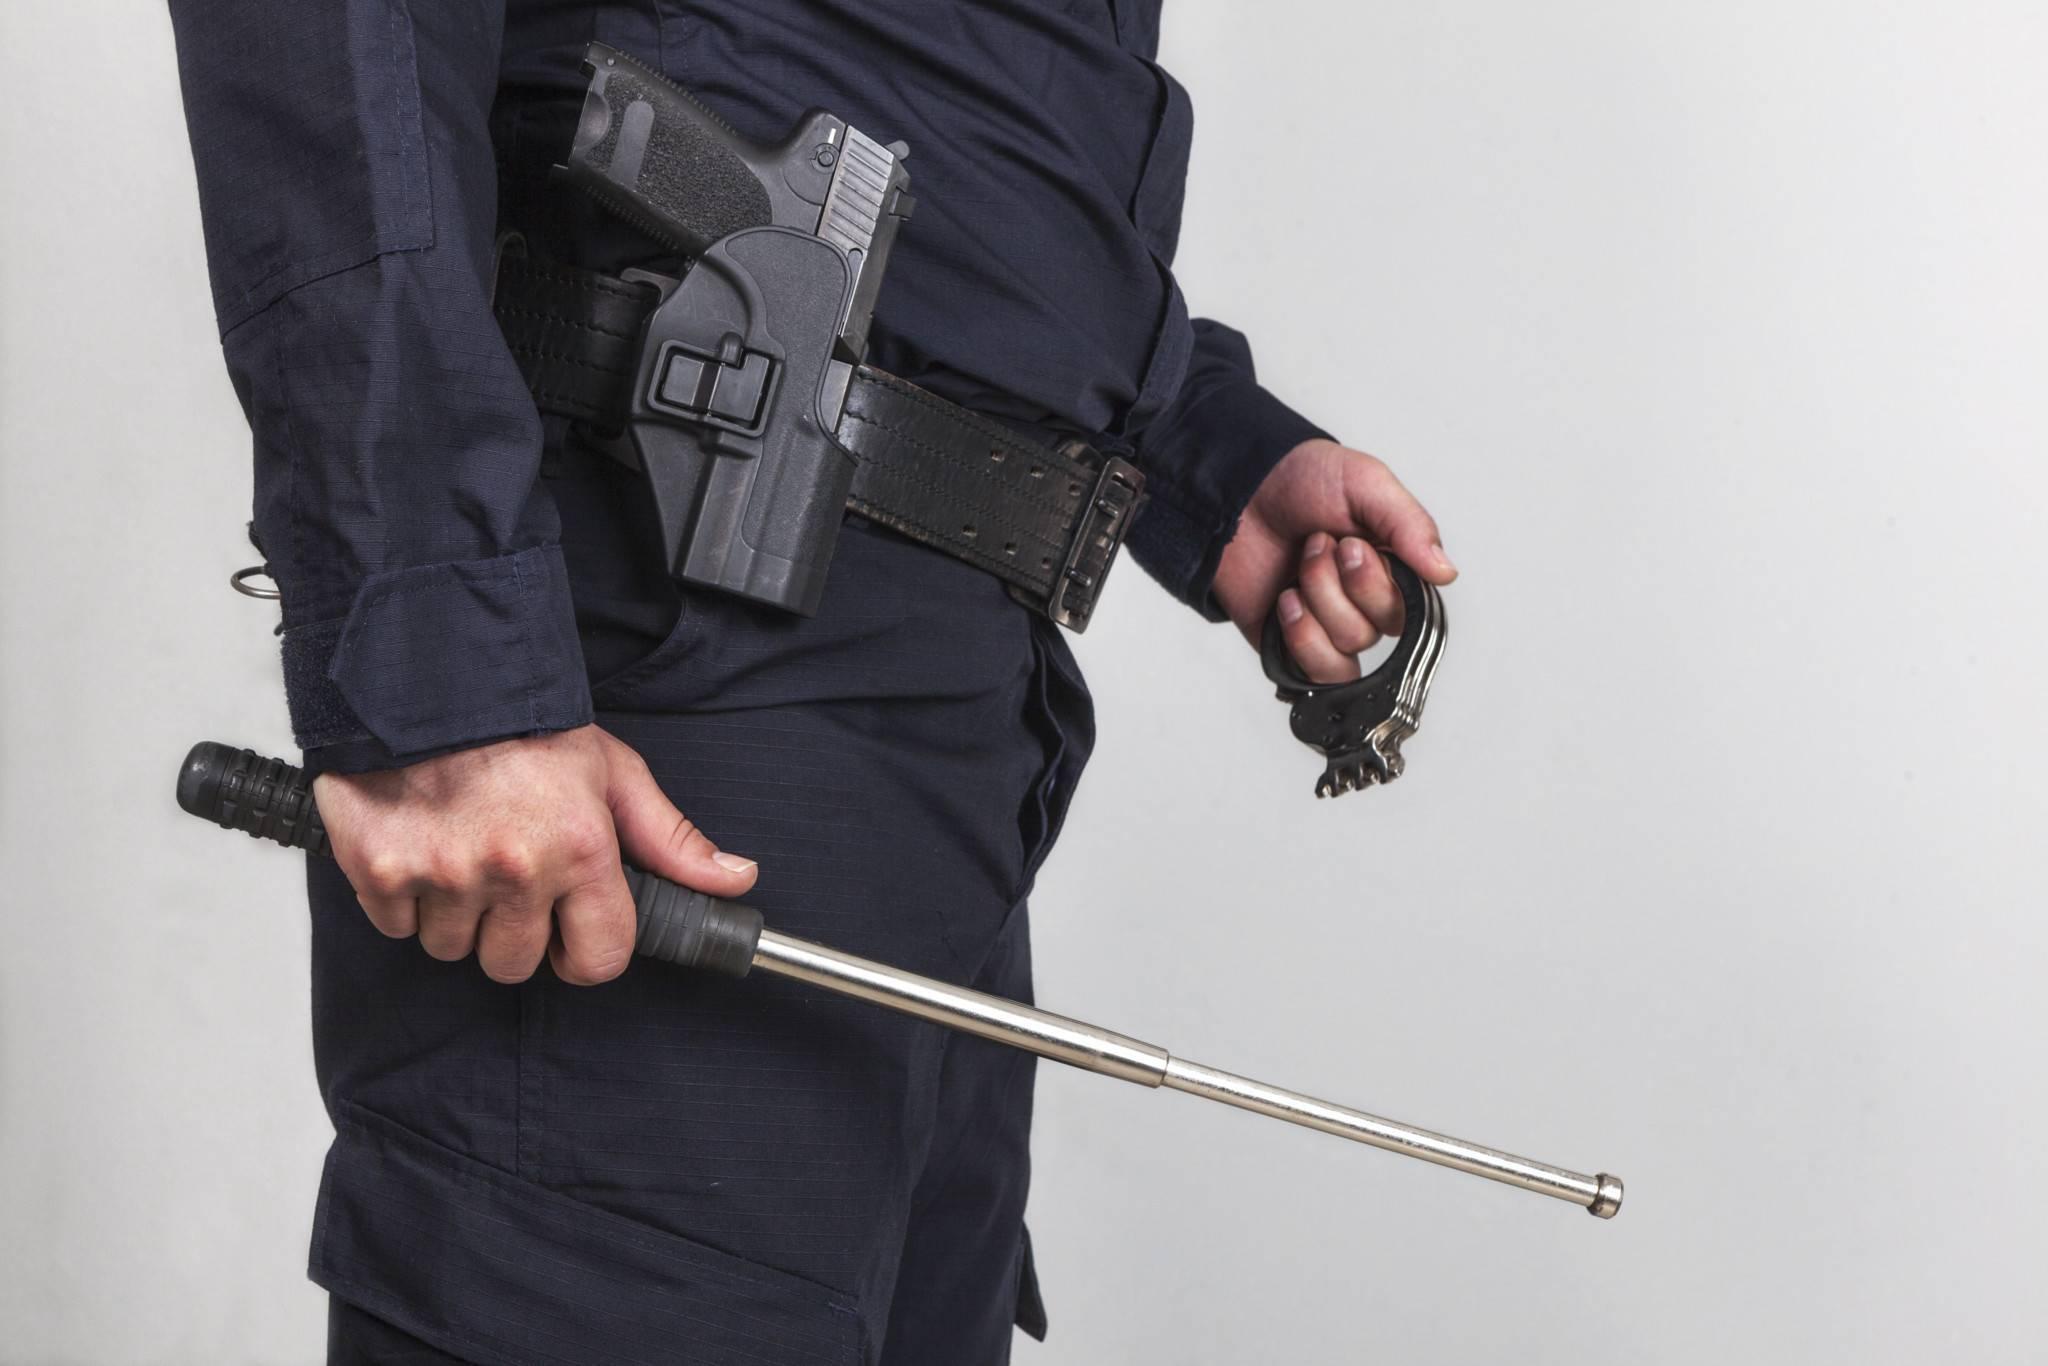 Как применять наручники? (учебный материал) - полезные советы - 2020